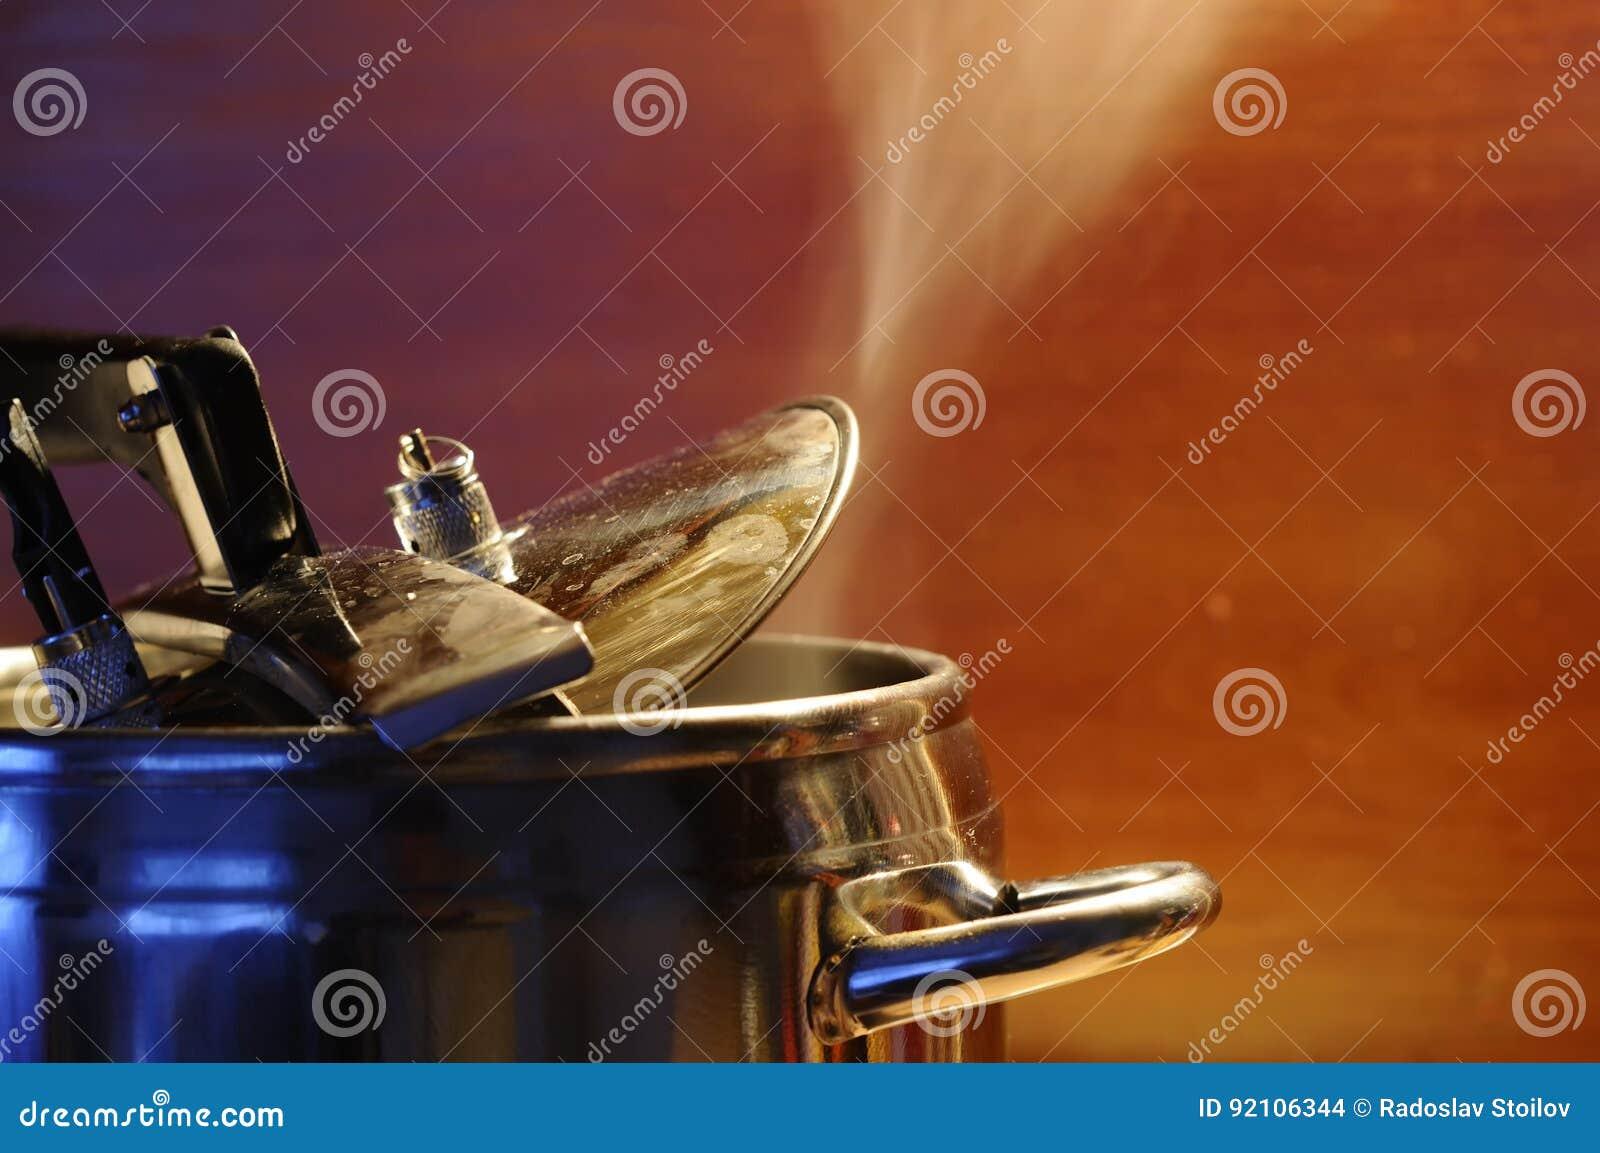 Испаритесь избегать от крышки герметической электрической кастрюли с отражением современной кухни